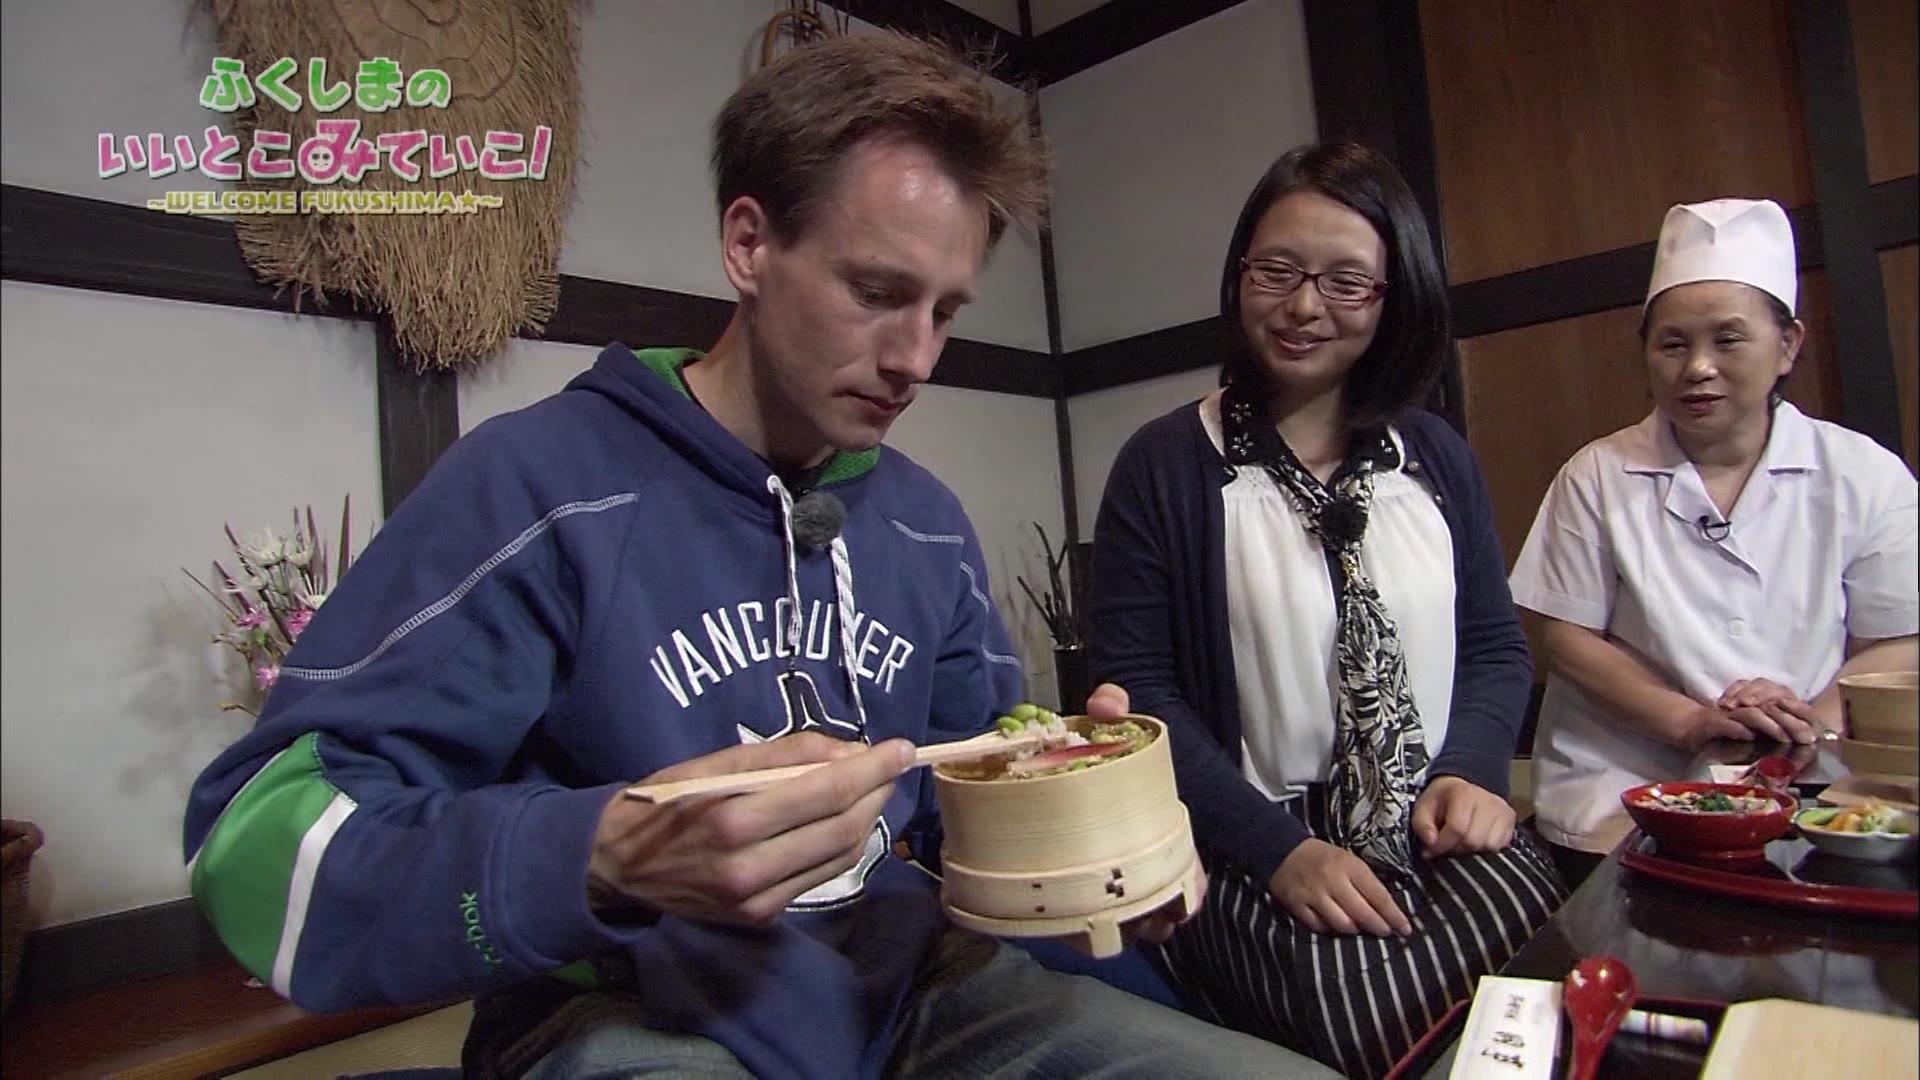 Let's Explore Fukushima! Episode 1